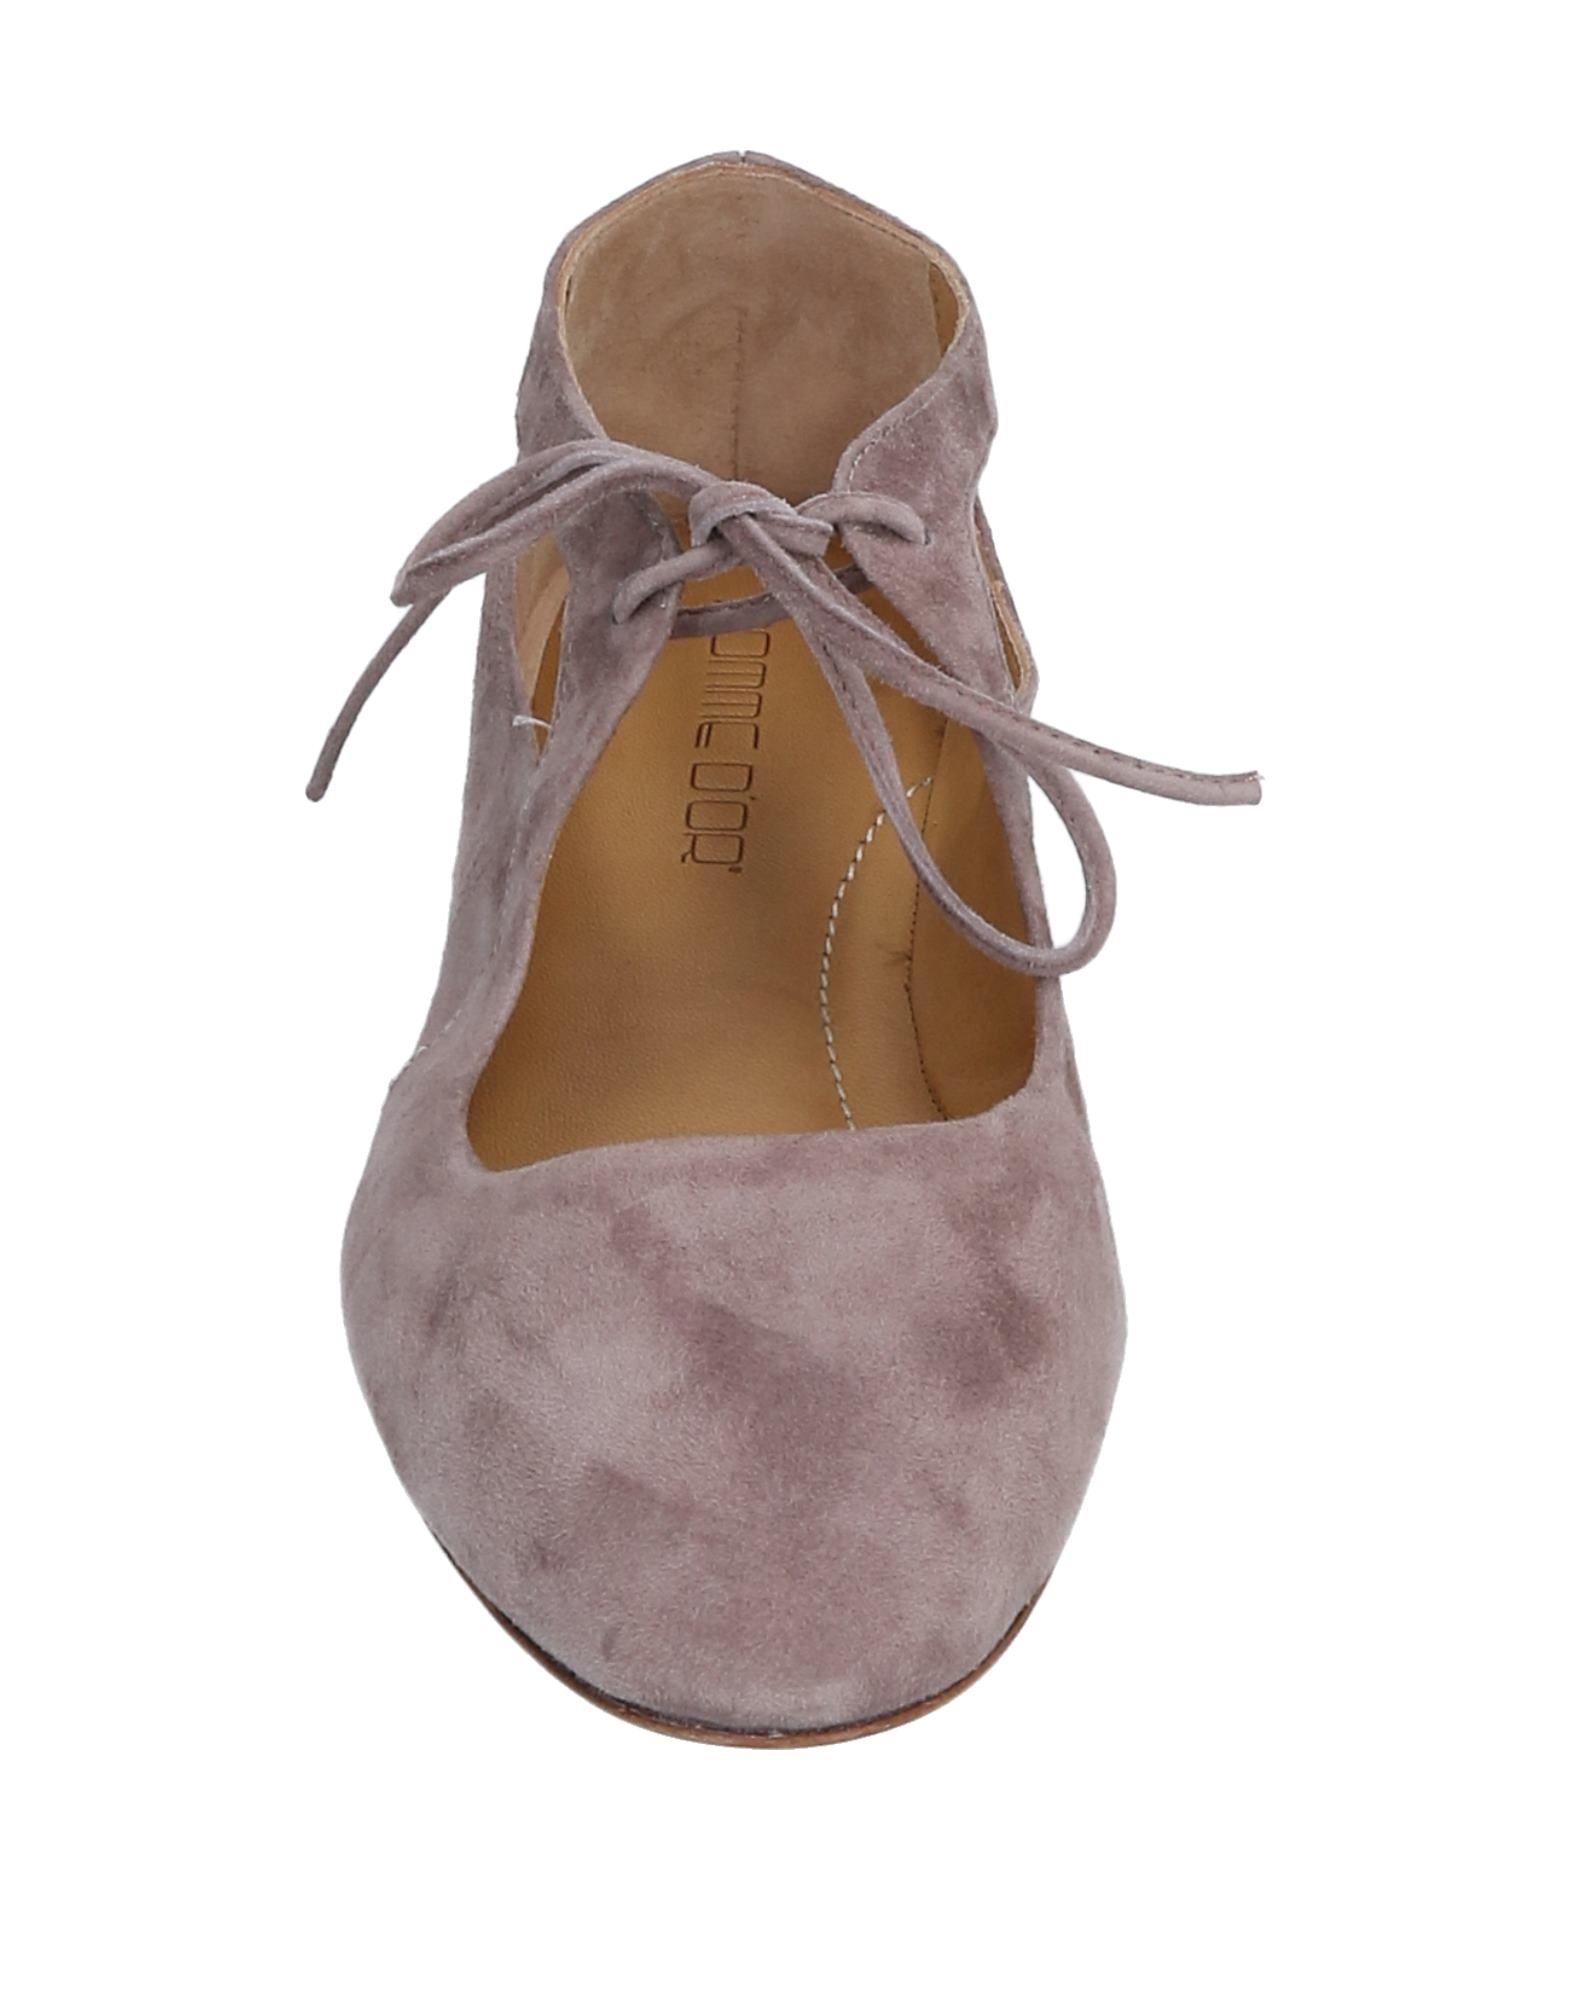 Pomme D'or Ballerinas Ballerinas Ballerinas Damen Gutes Preis-Leistungs-Verhältnis, es lohnt sich cfd9c9